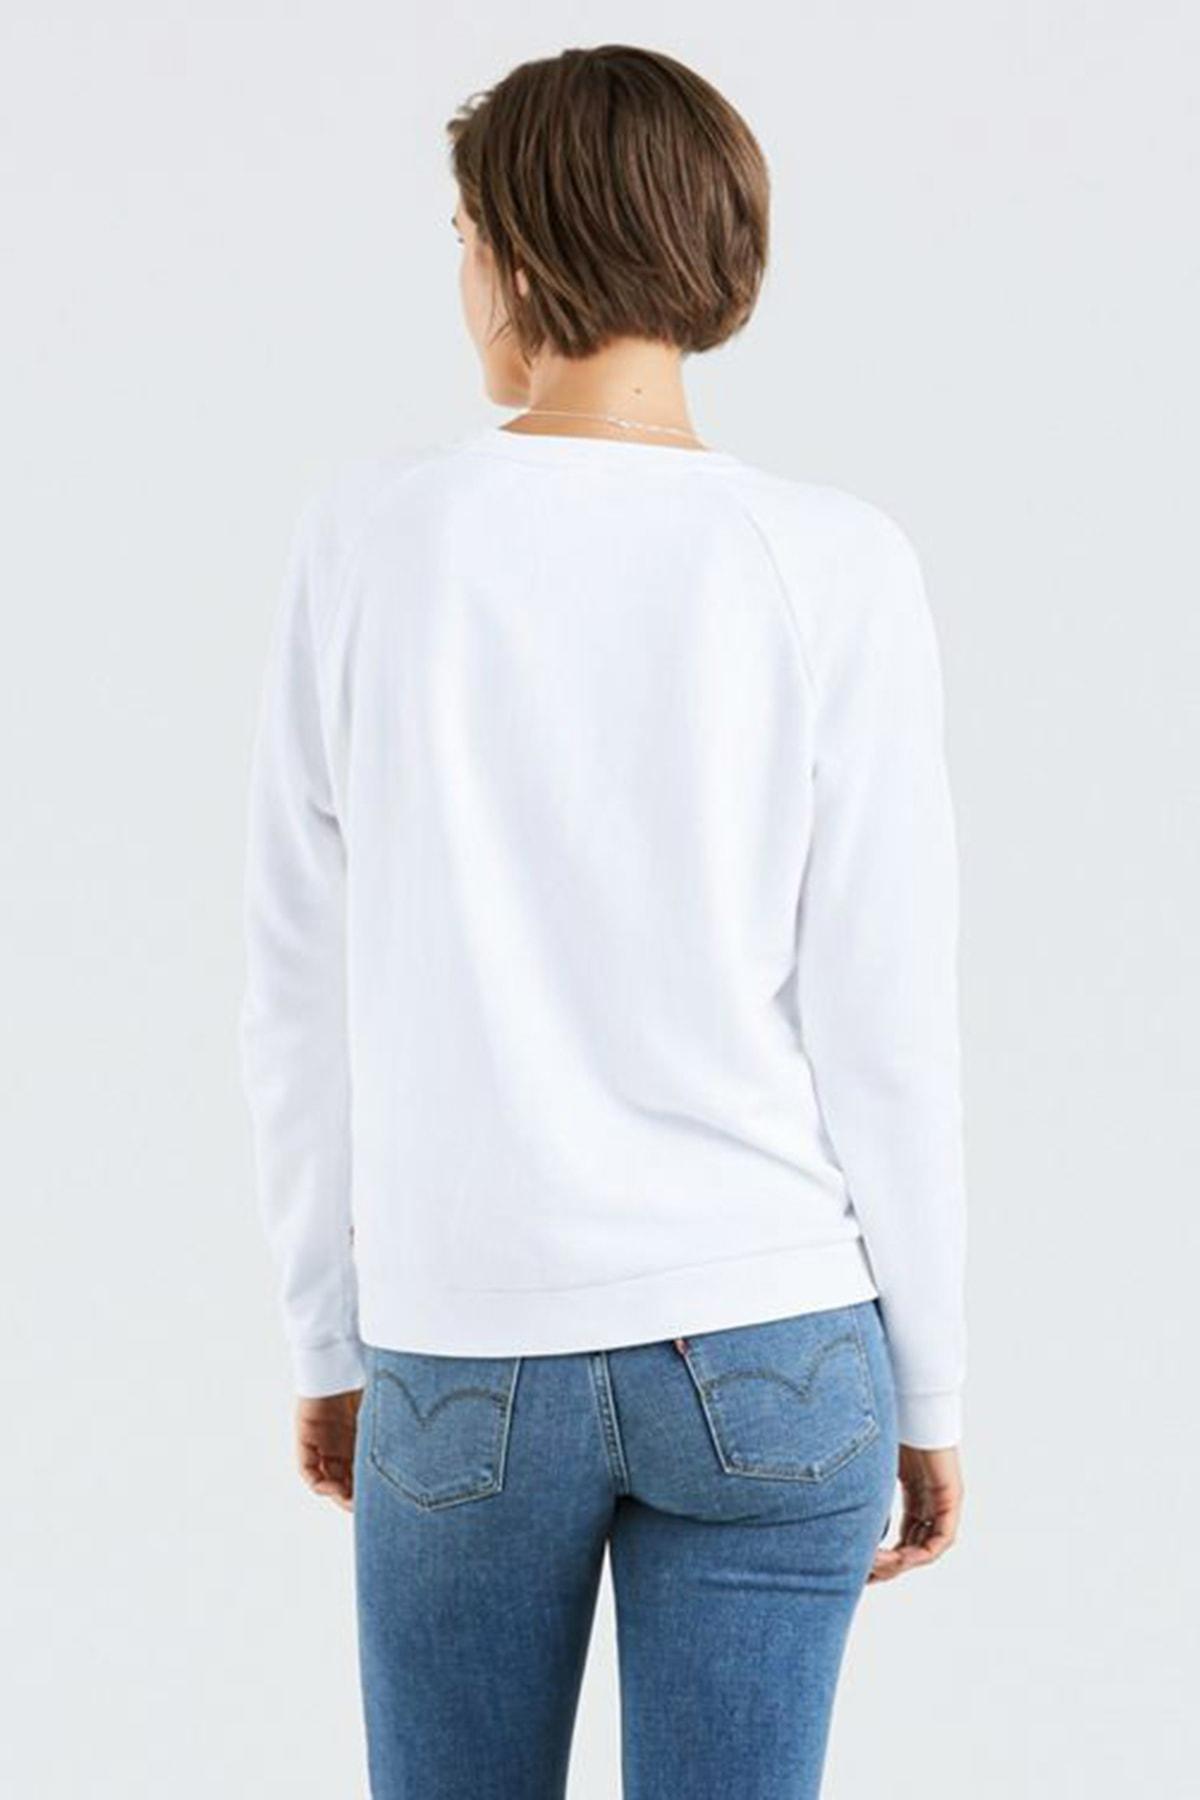 Levi's Kadın Sweatshirt 29717-0063 2